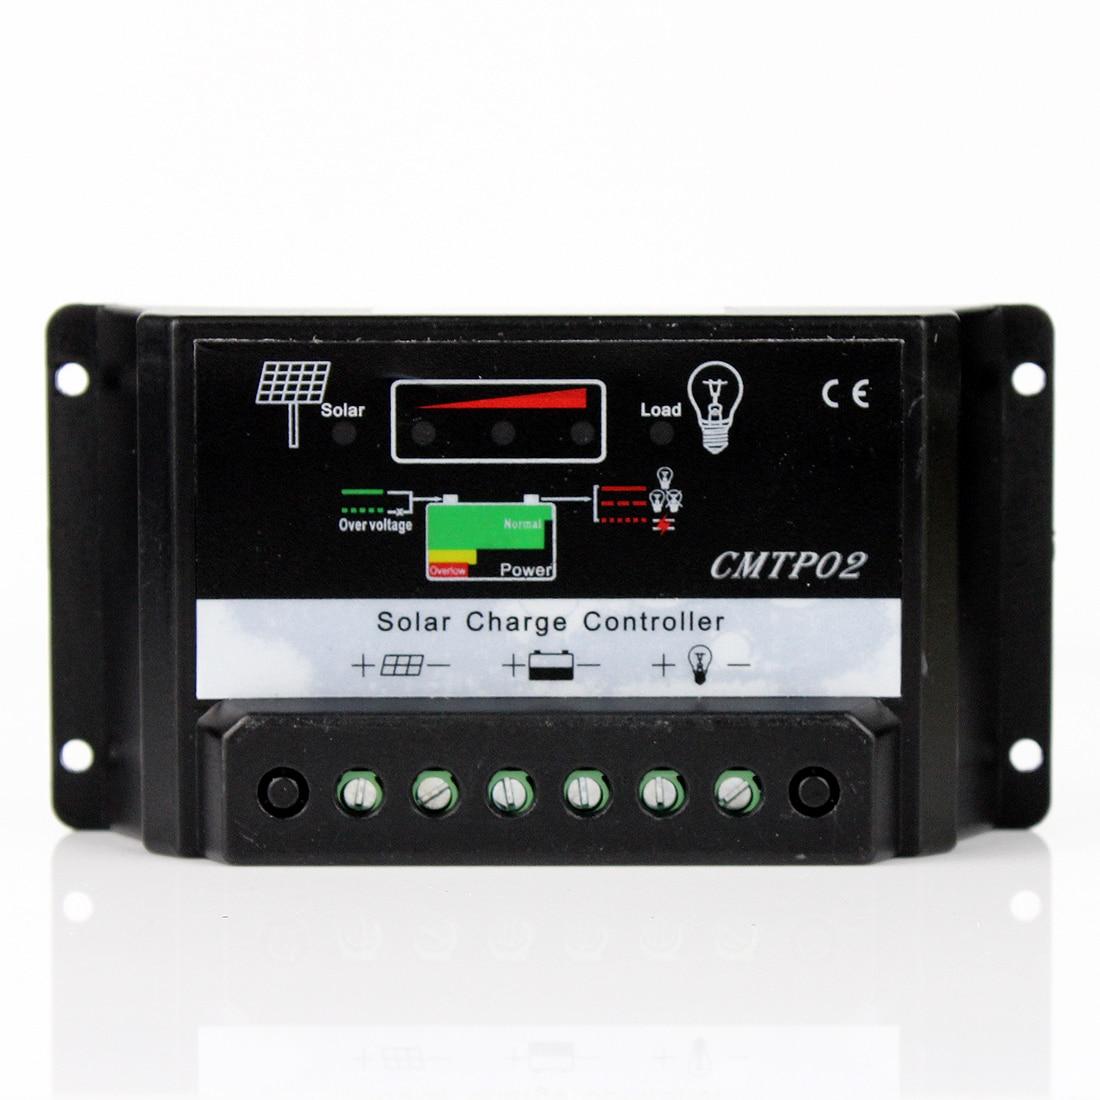 高品質 10A Mppt 太陽電池充電コントローラレギュレータ 12V 24V オートスイッチ M00 PK 2015 新